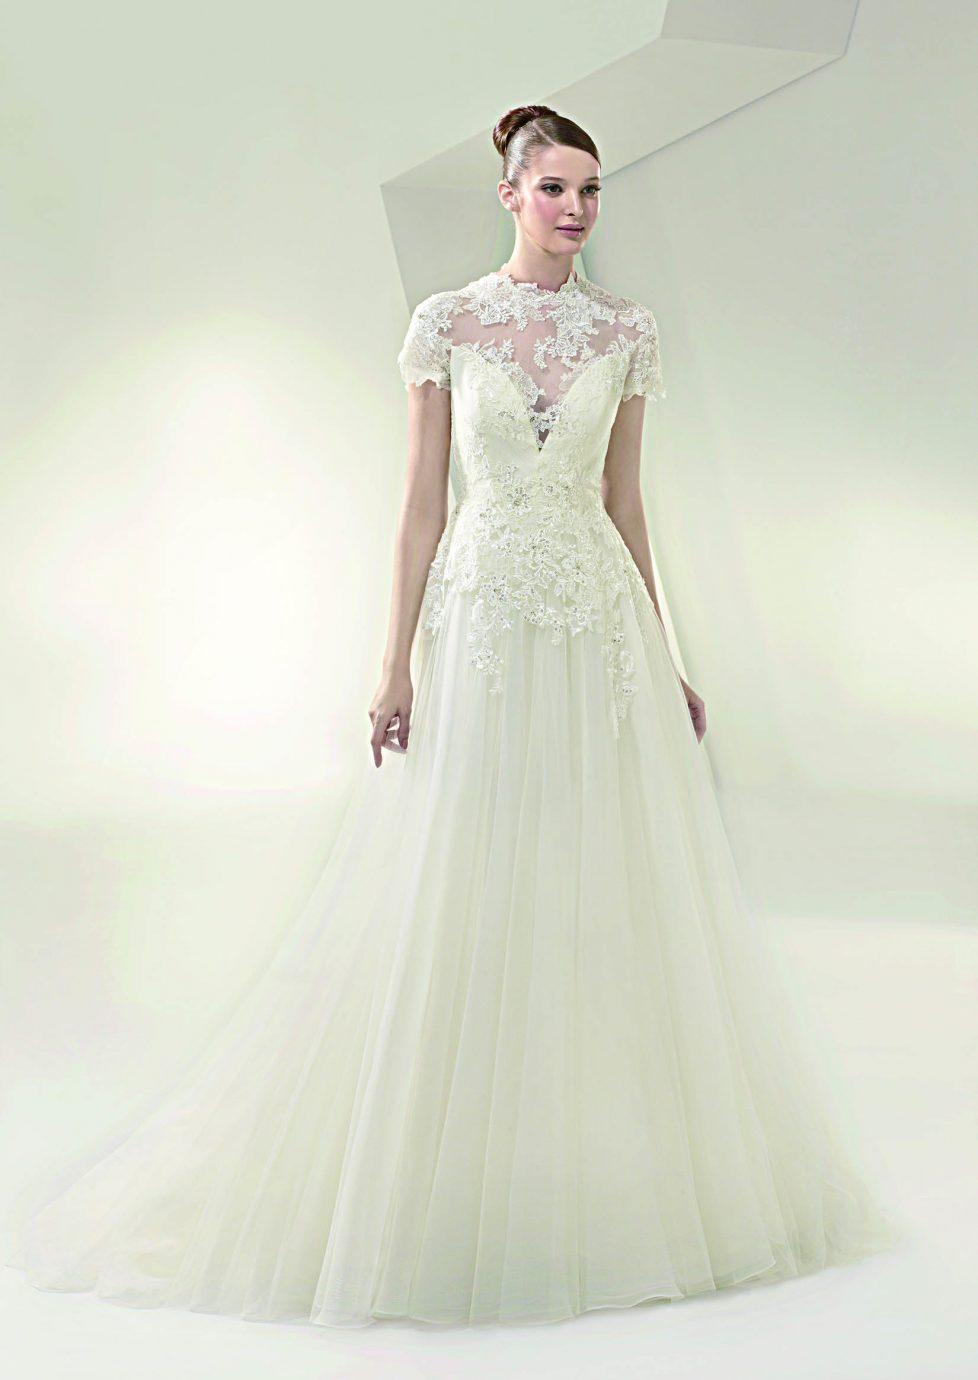 Csipke, rövid ujjas Beautiful BT1401 esküvői ruha, az ujjas esküvői ruhát kereső menyasszonyoknak.